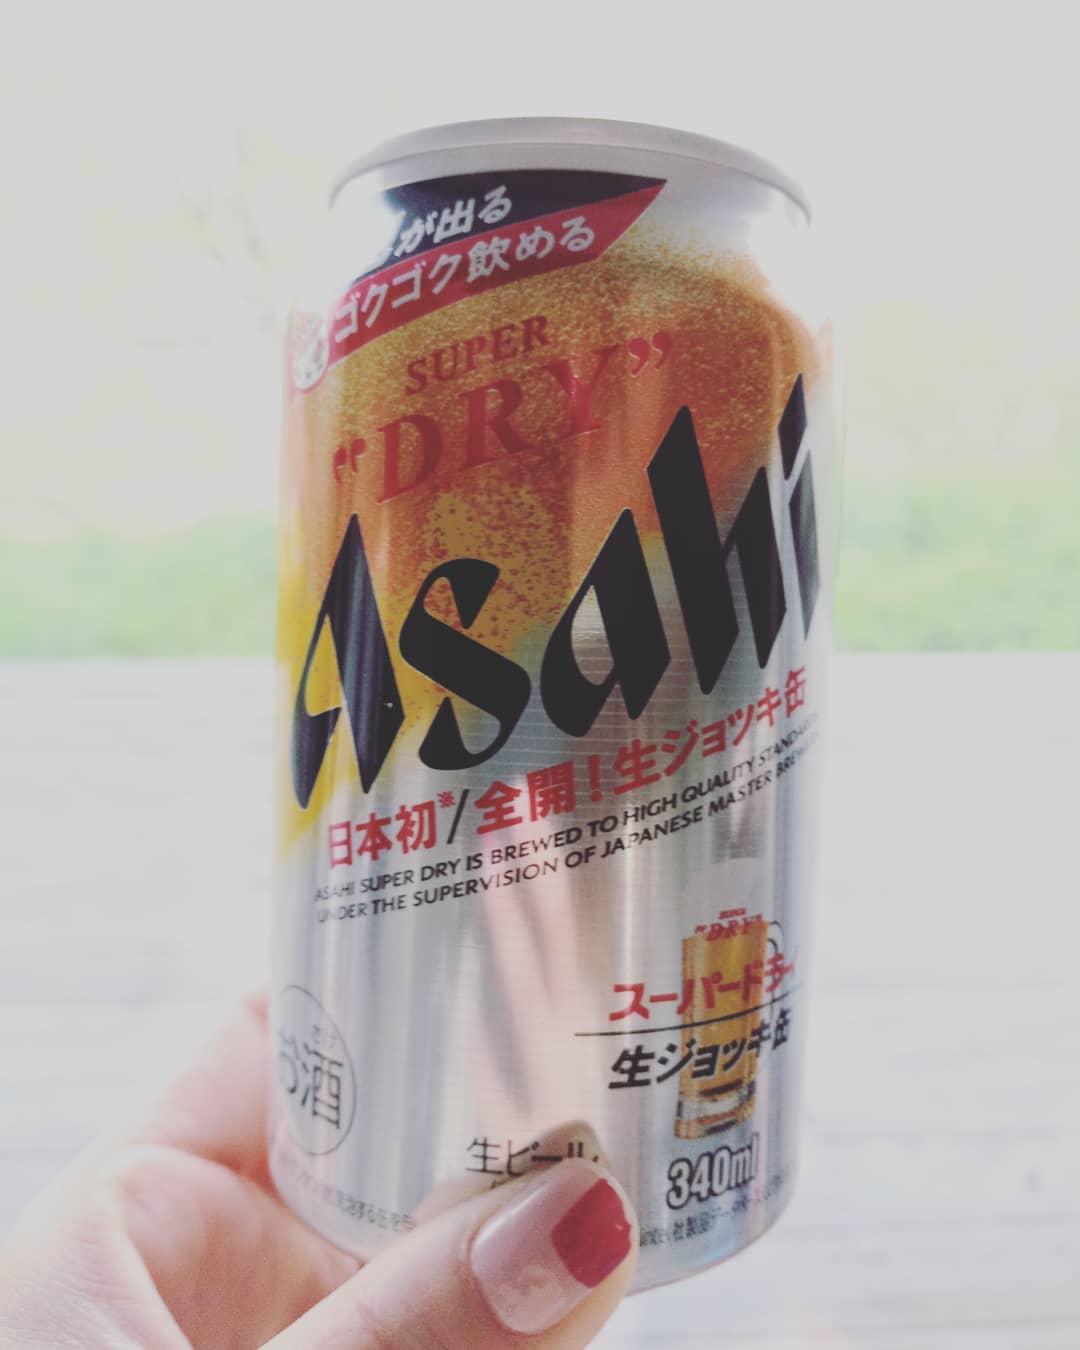 話題の!?生ジョッキ缶(笑)